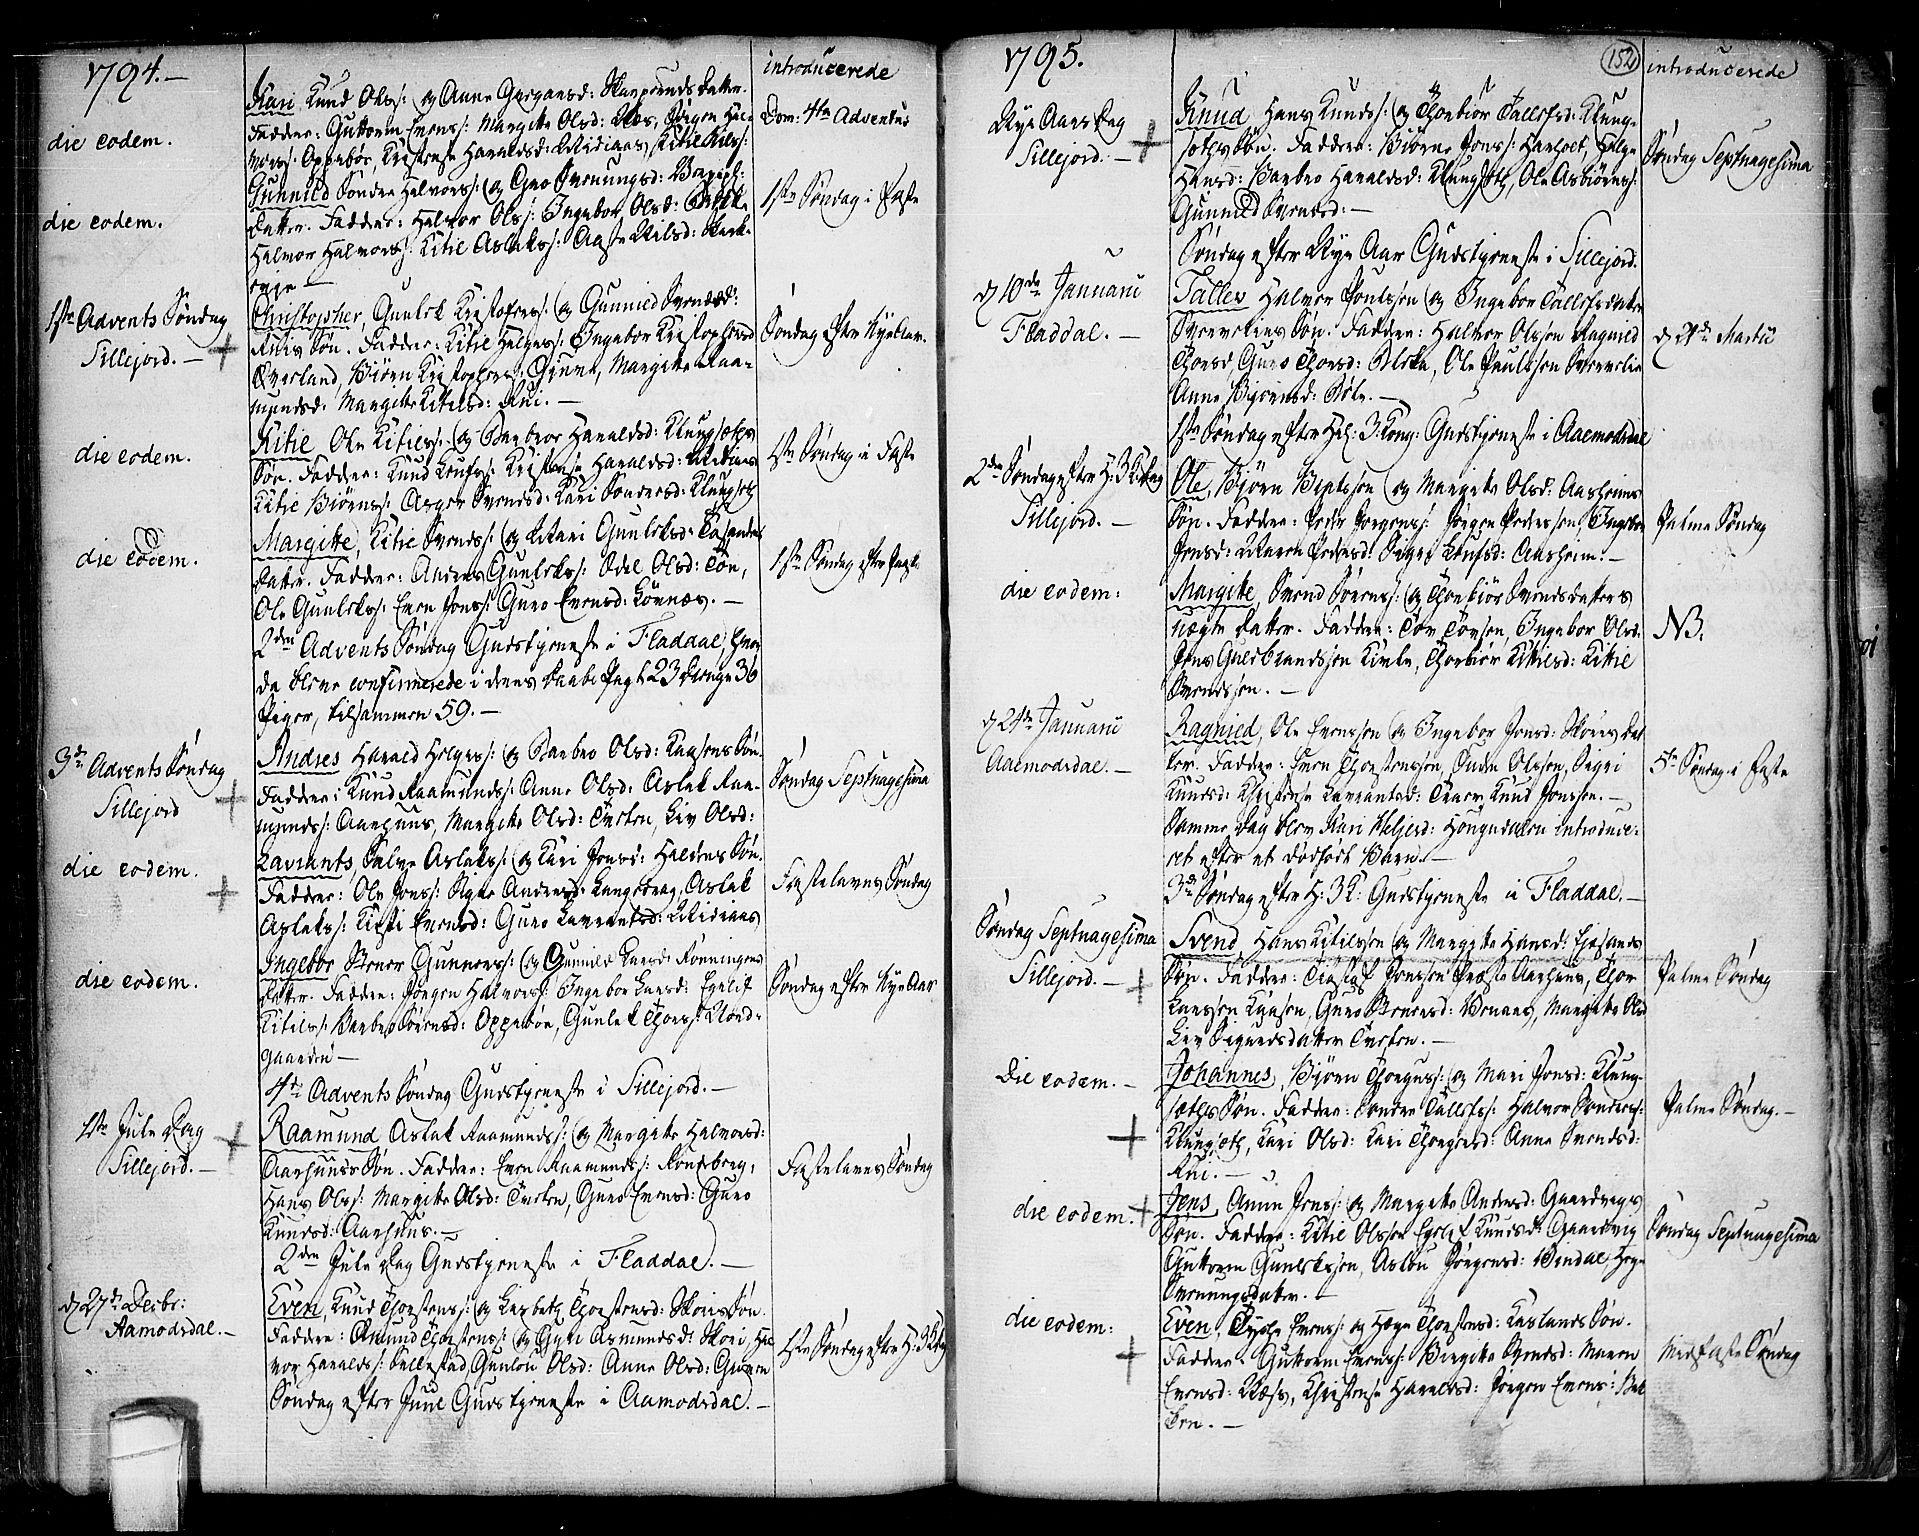 SAKO, Seljord kirkebøker, F/Fa/L0007: Ministerialbok nr. I 7, 1755-1800, s. 152